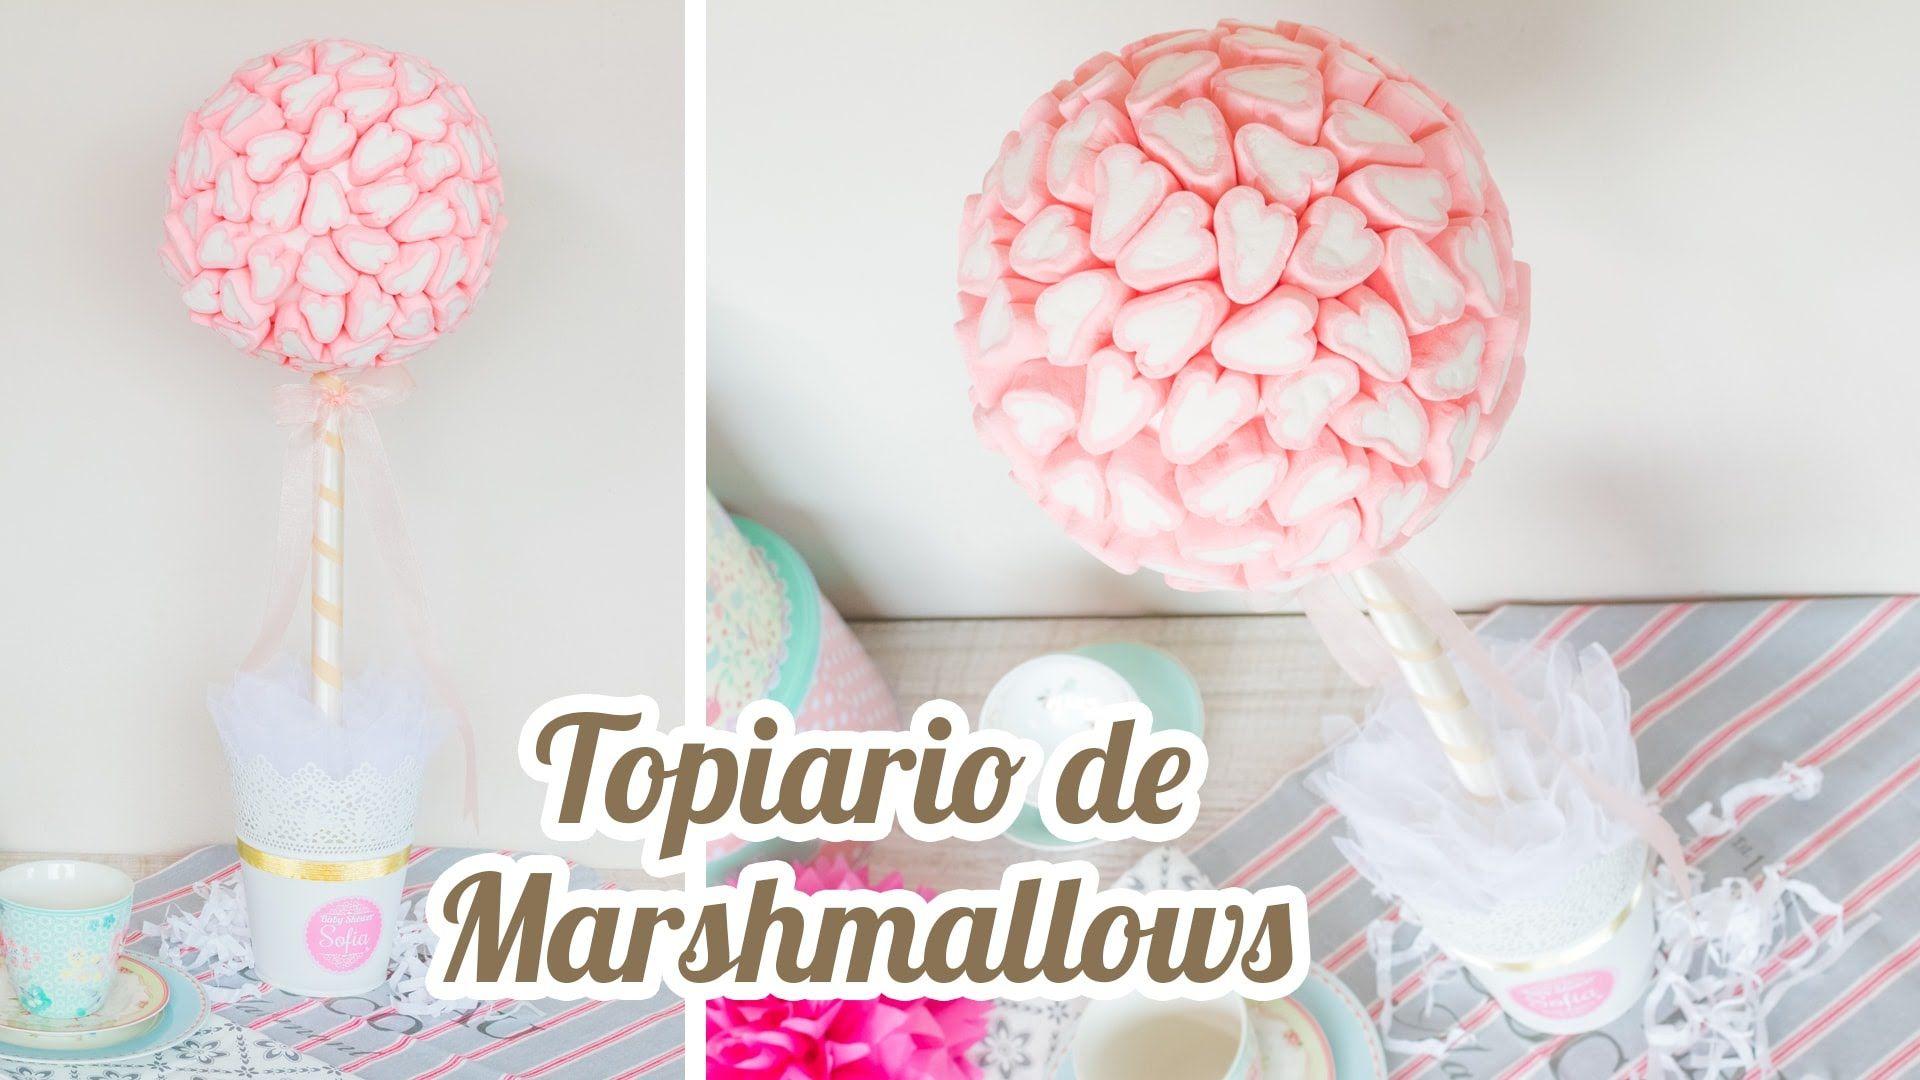 Topiario de marshmallows coraz n 10 mesa dulce para - Novedades para baby shower ...